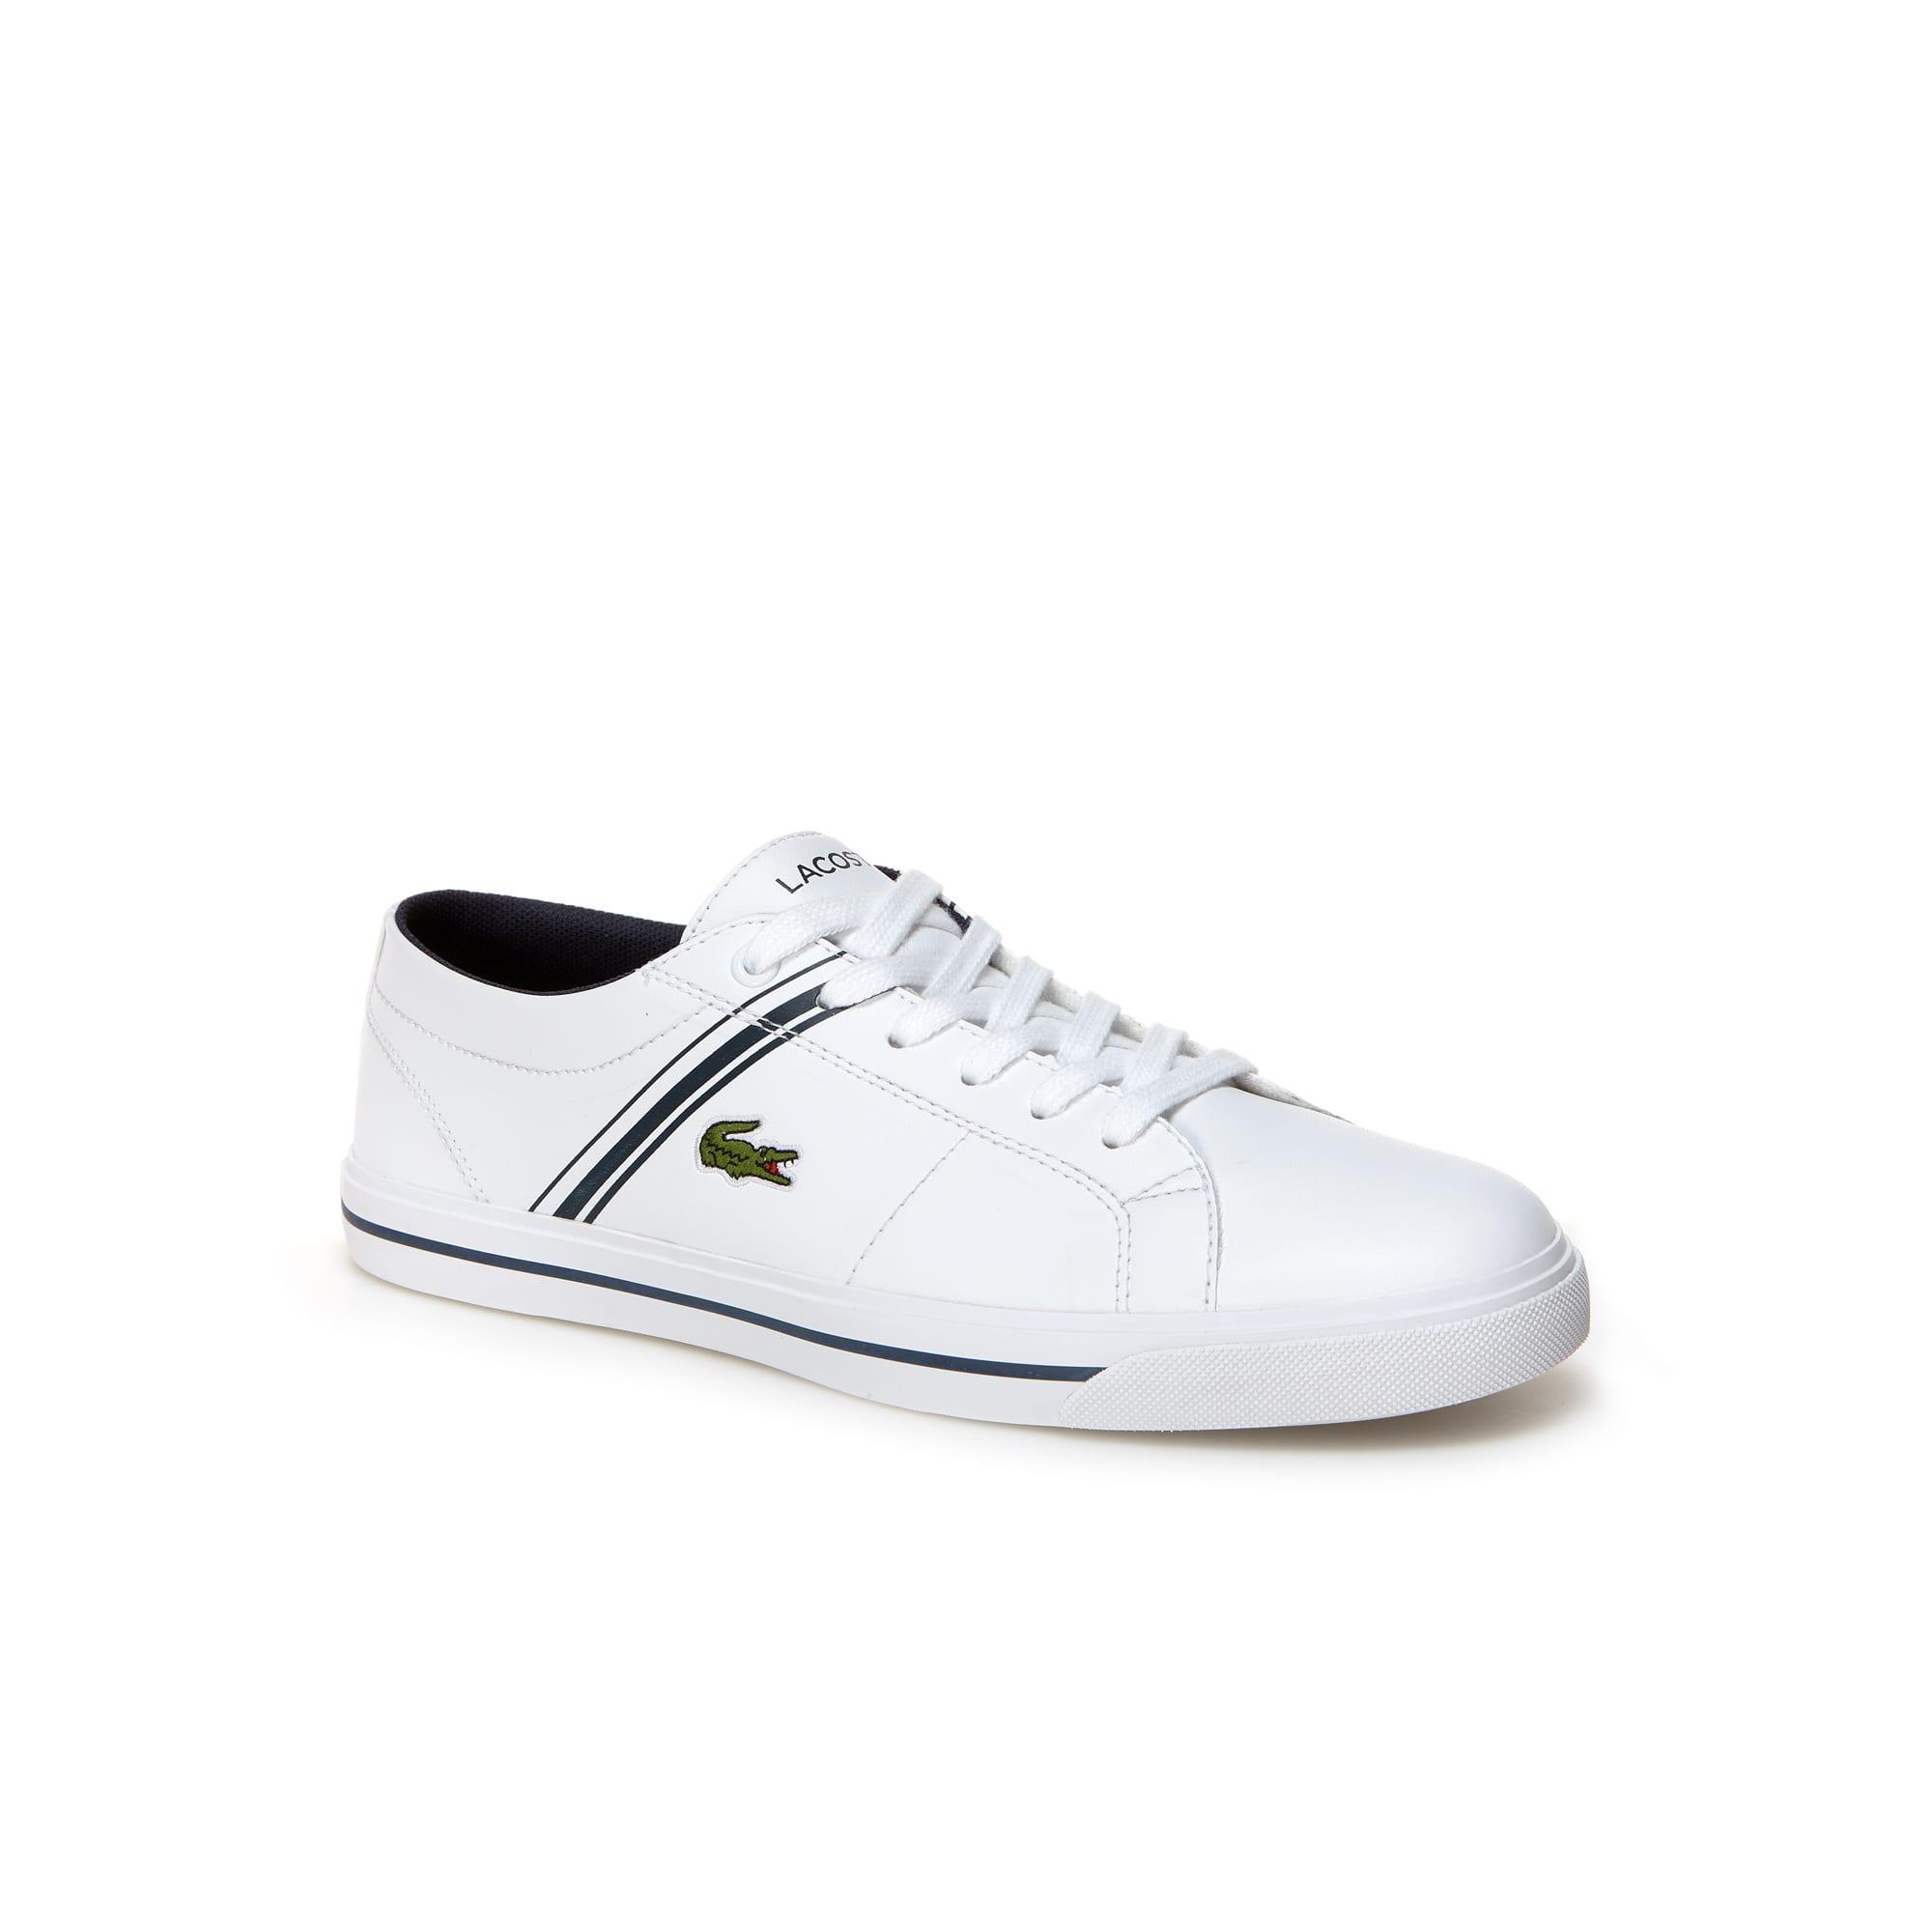 Sneakers Ado Riberac en simili-cuir